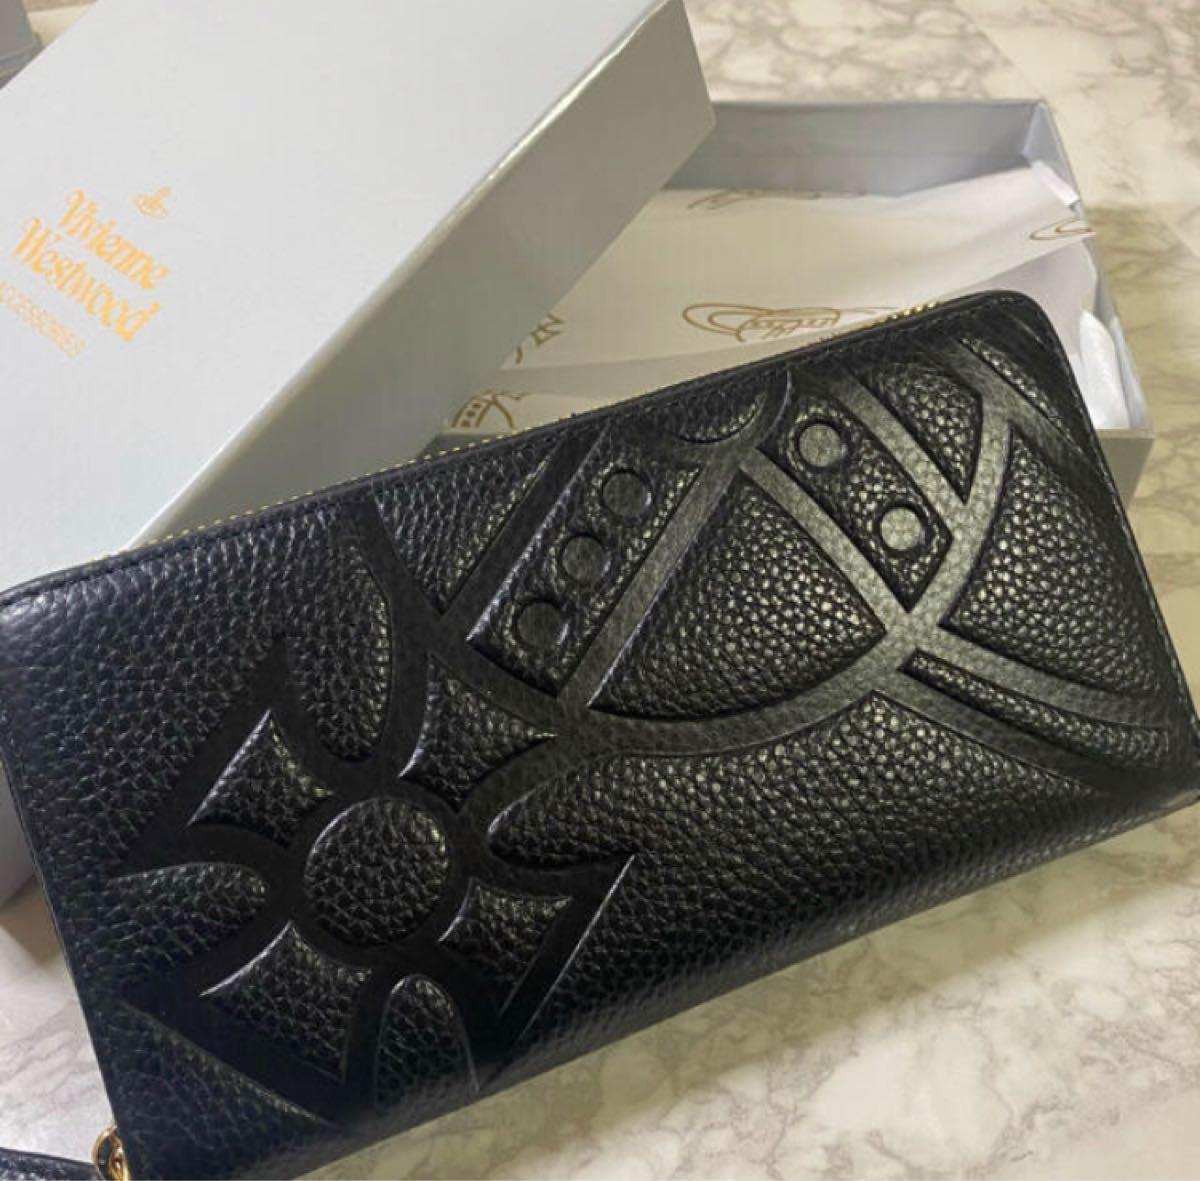 ヴィヴィアンウエストウッド Vivienne Westwood 新品未使用 長財布 ブラック 黒 模様  小銭入れ